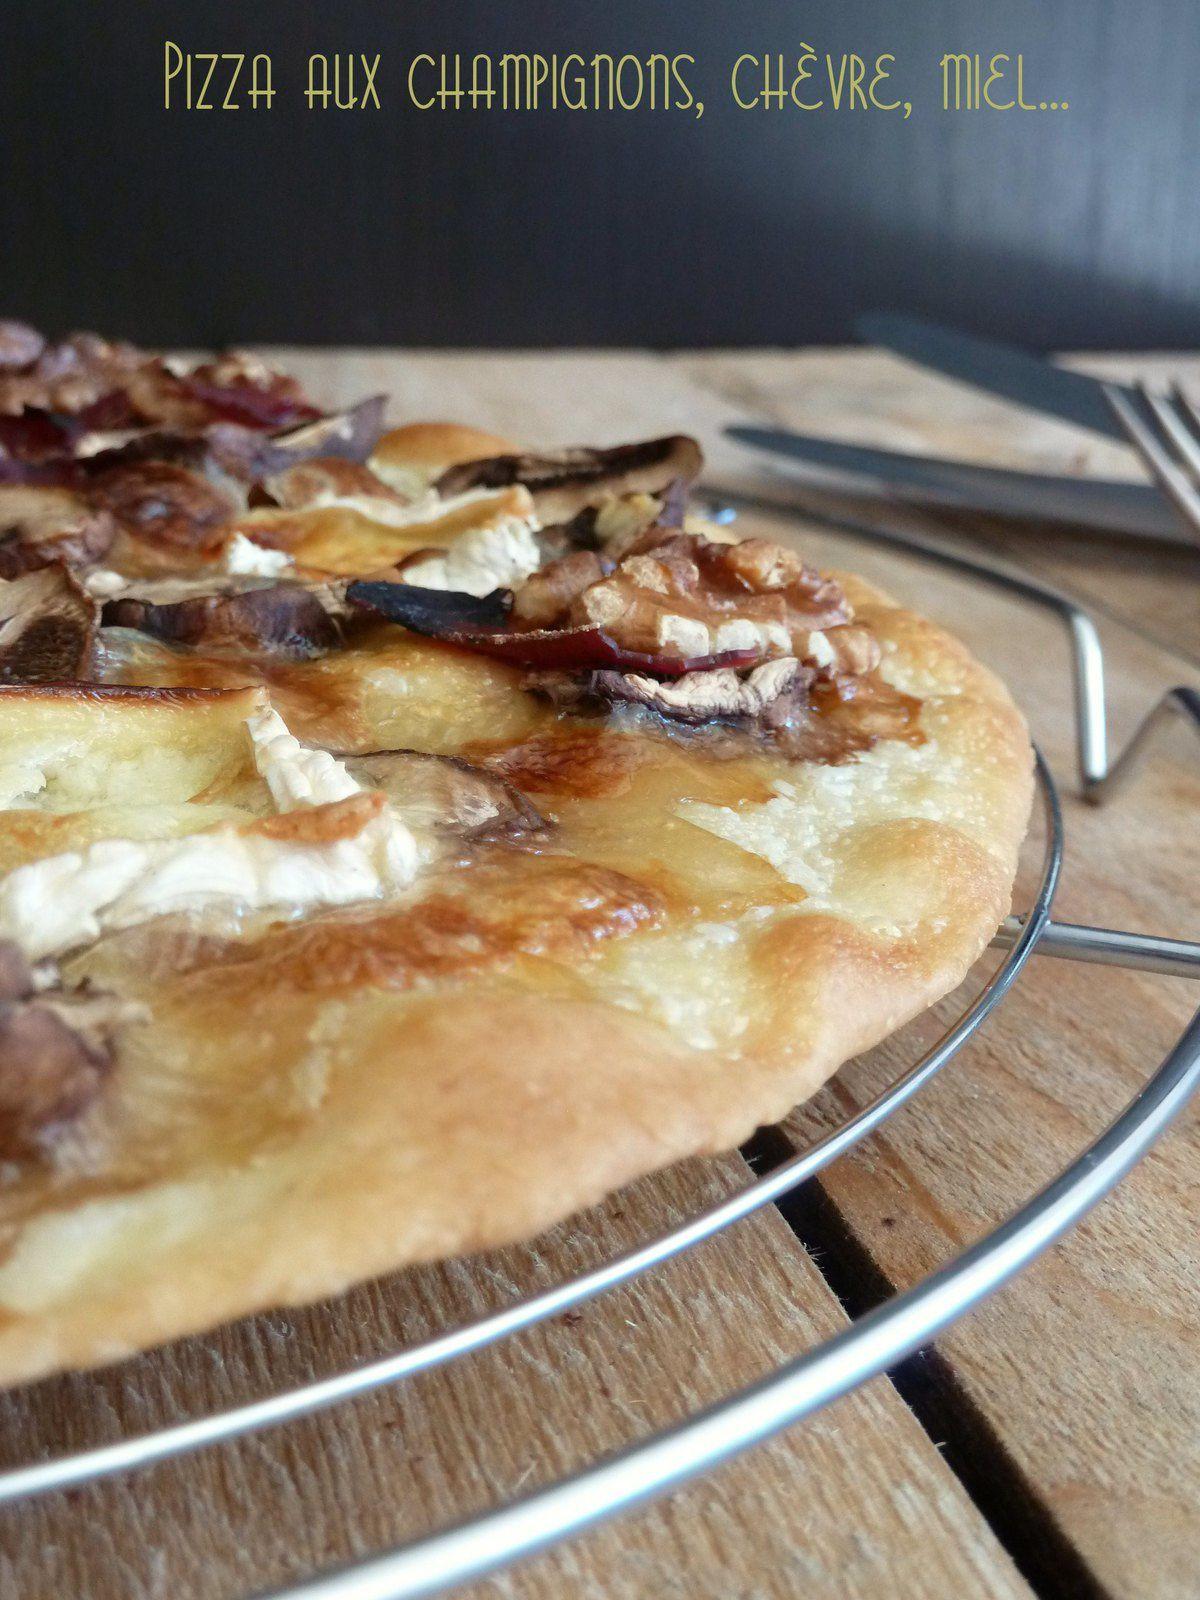 Pizza aux champignons, chèvre, miel ...